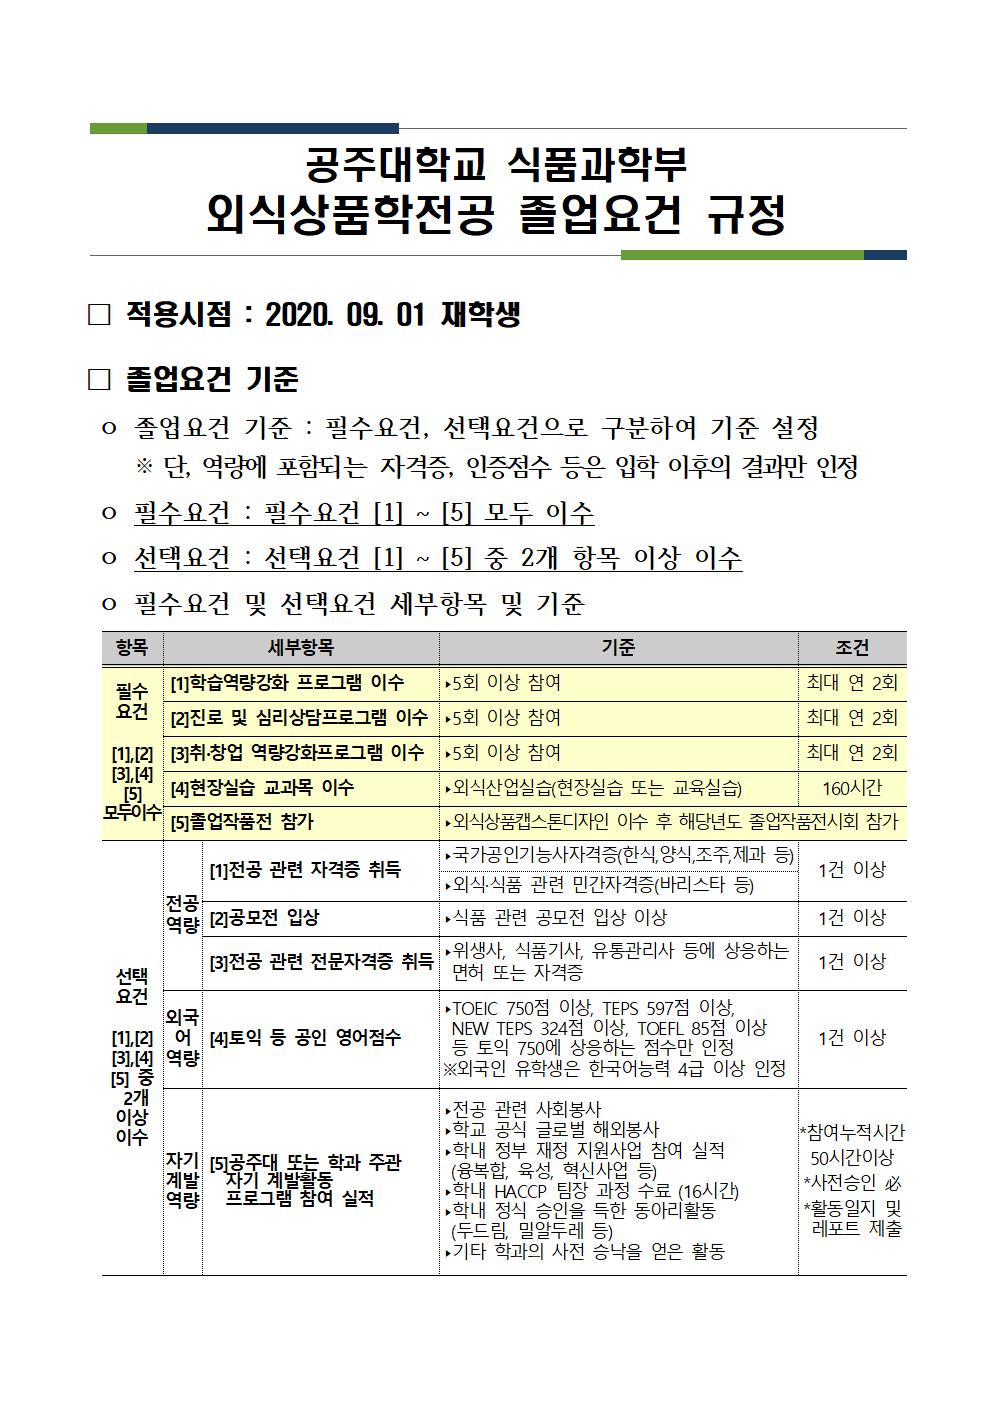 식품과학부 외식상품학전공 졸업요건 규정20.09.01001.png